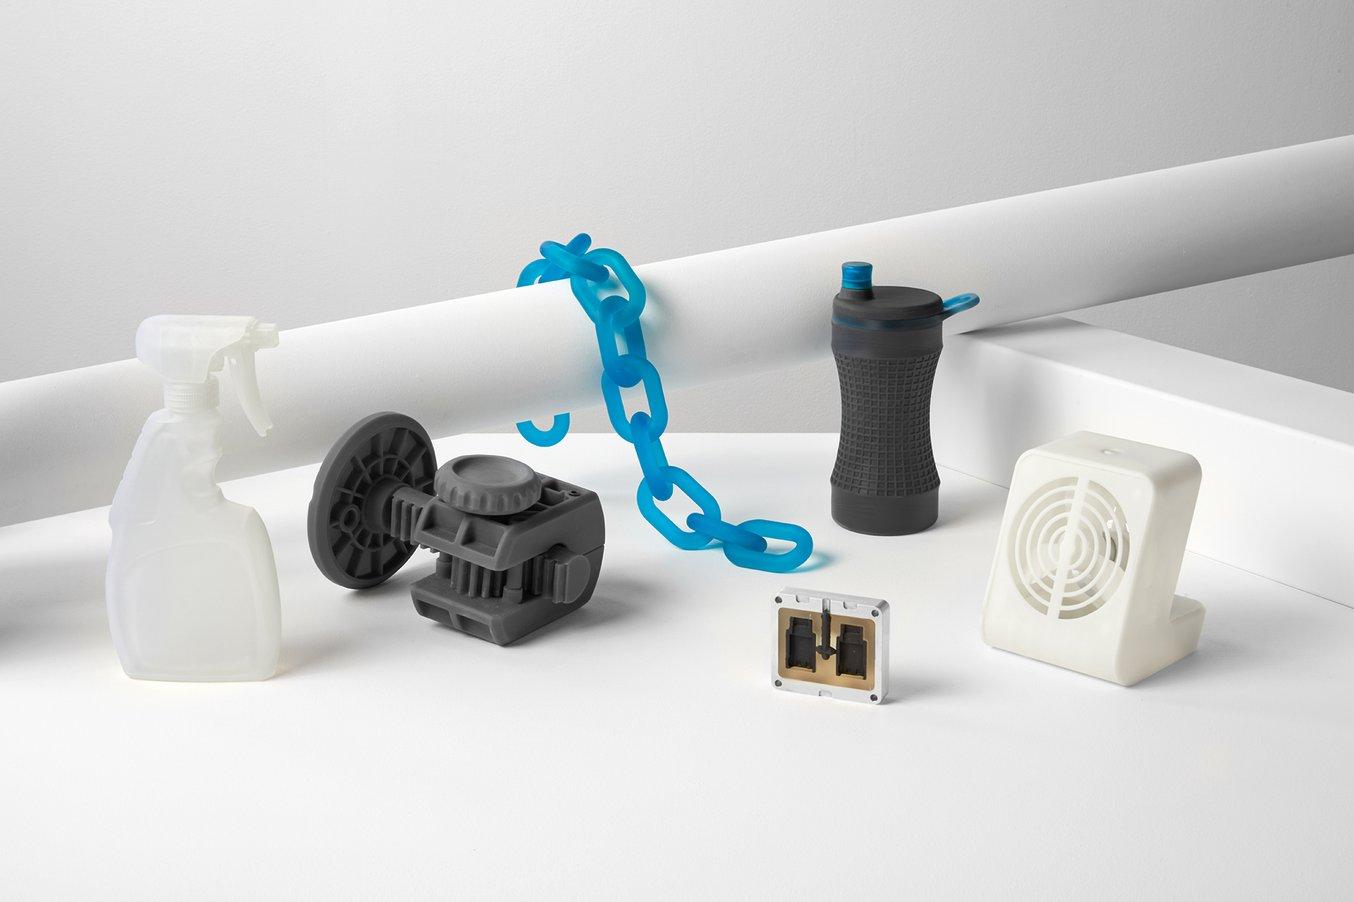 Vari prototipi stampati in 3D con una stampante 3D stereolitografica Form 2.